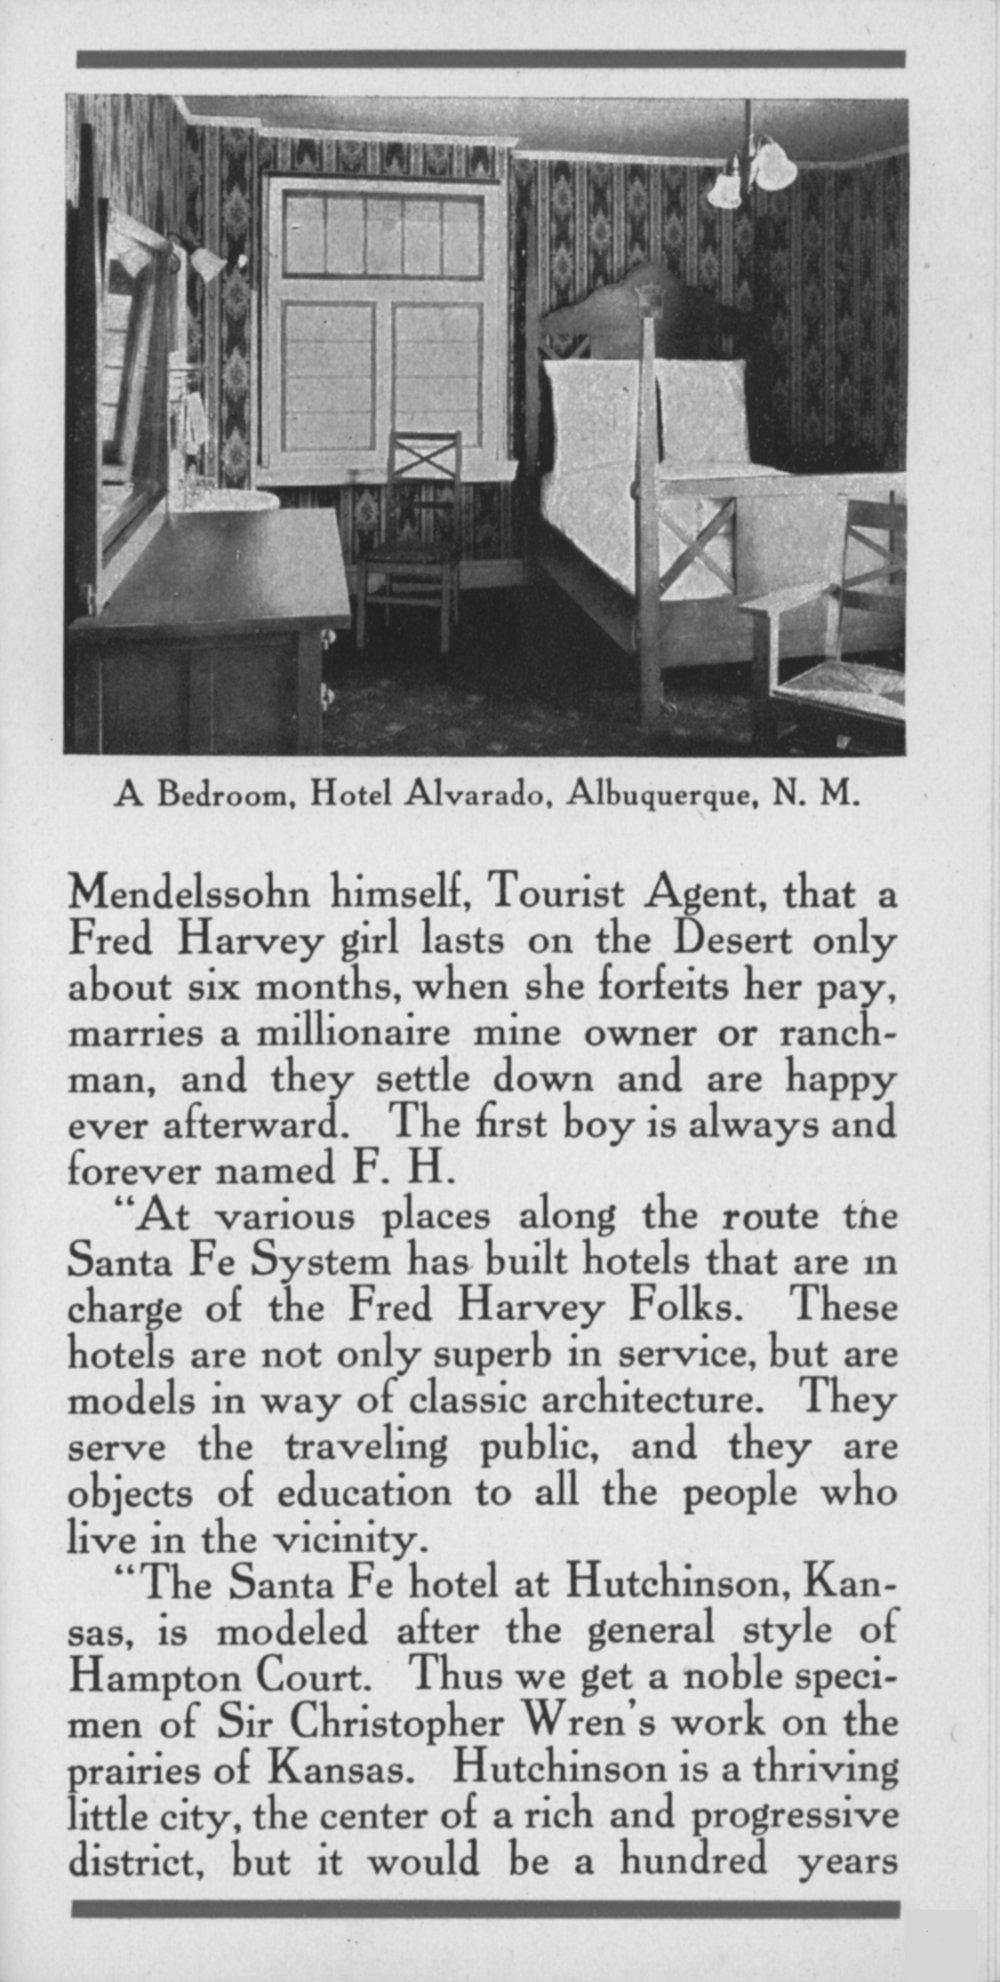 Fred Harvey meals, Santa Fe Railway - 11